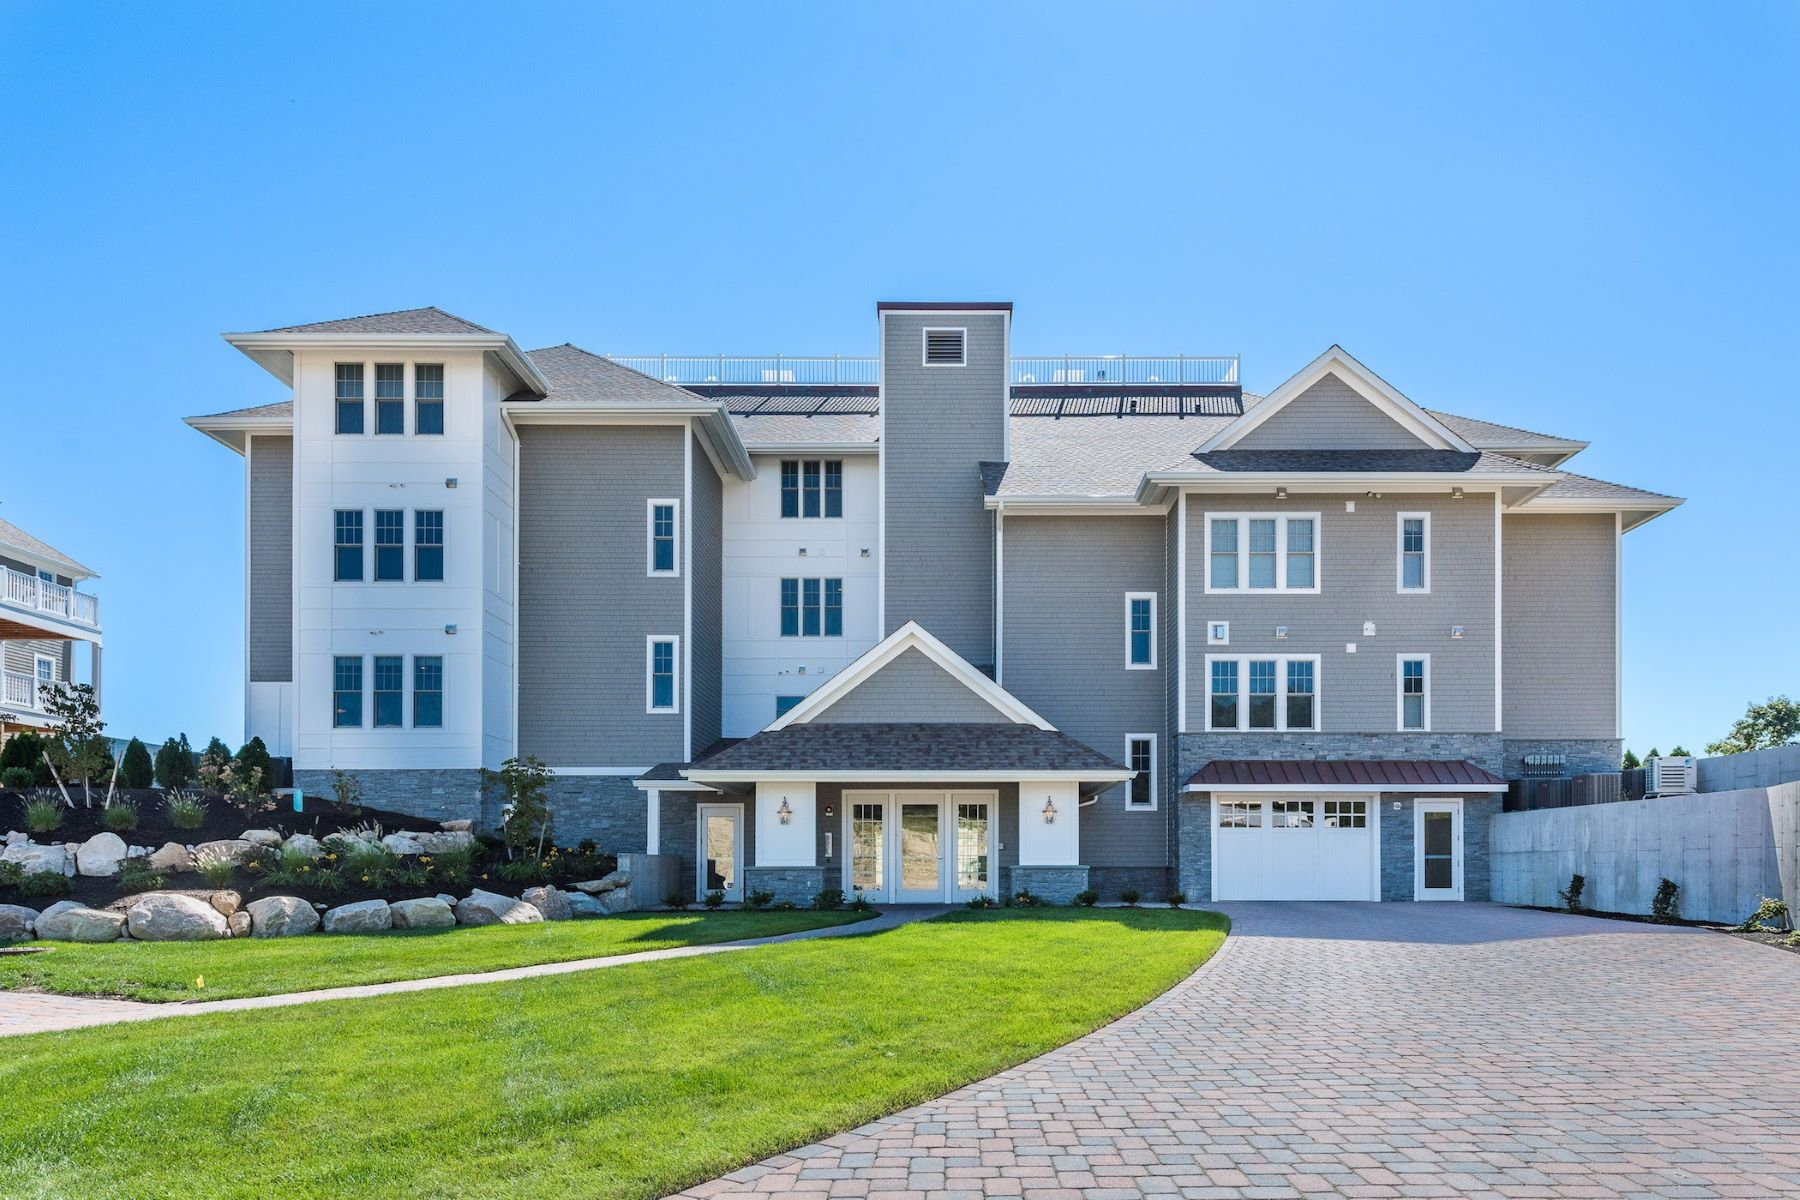 共管式独立产权公寓 为 销售 在 7 Compass Wy D302, #D302, Westerly, RI 7 Compass Wy D302 D302, 韦斯特利, 罗得岛, 02891 美国